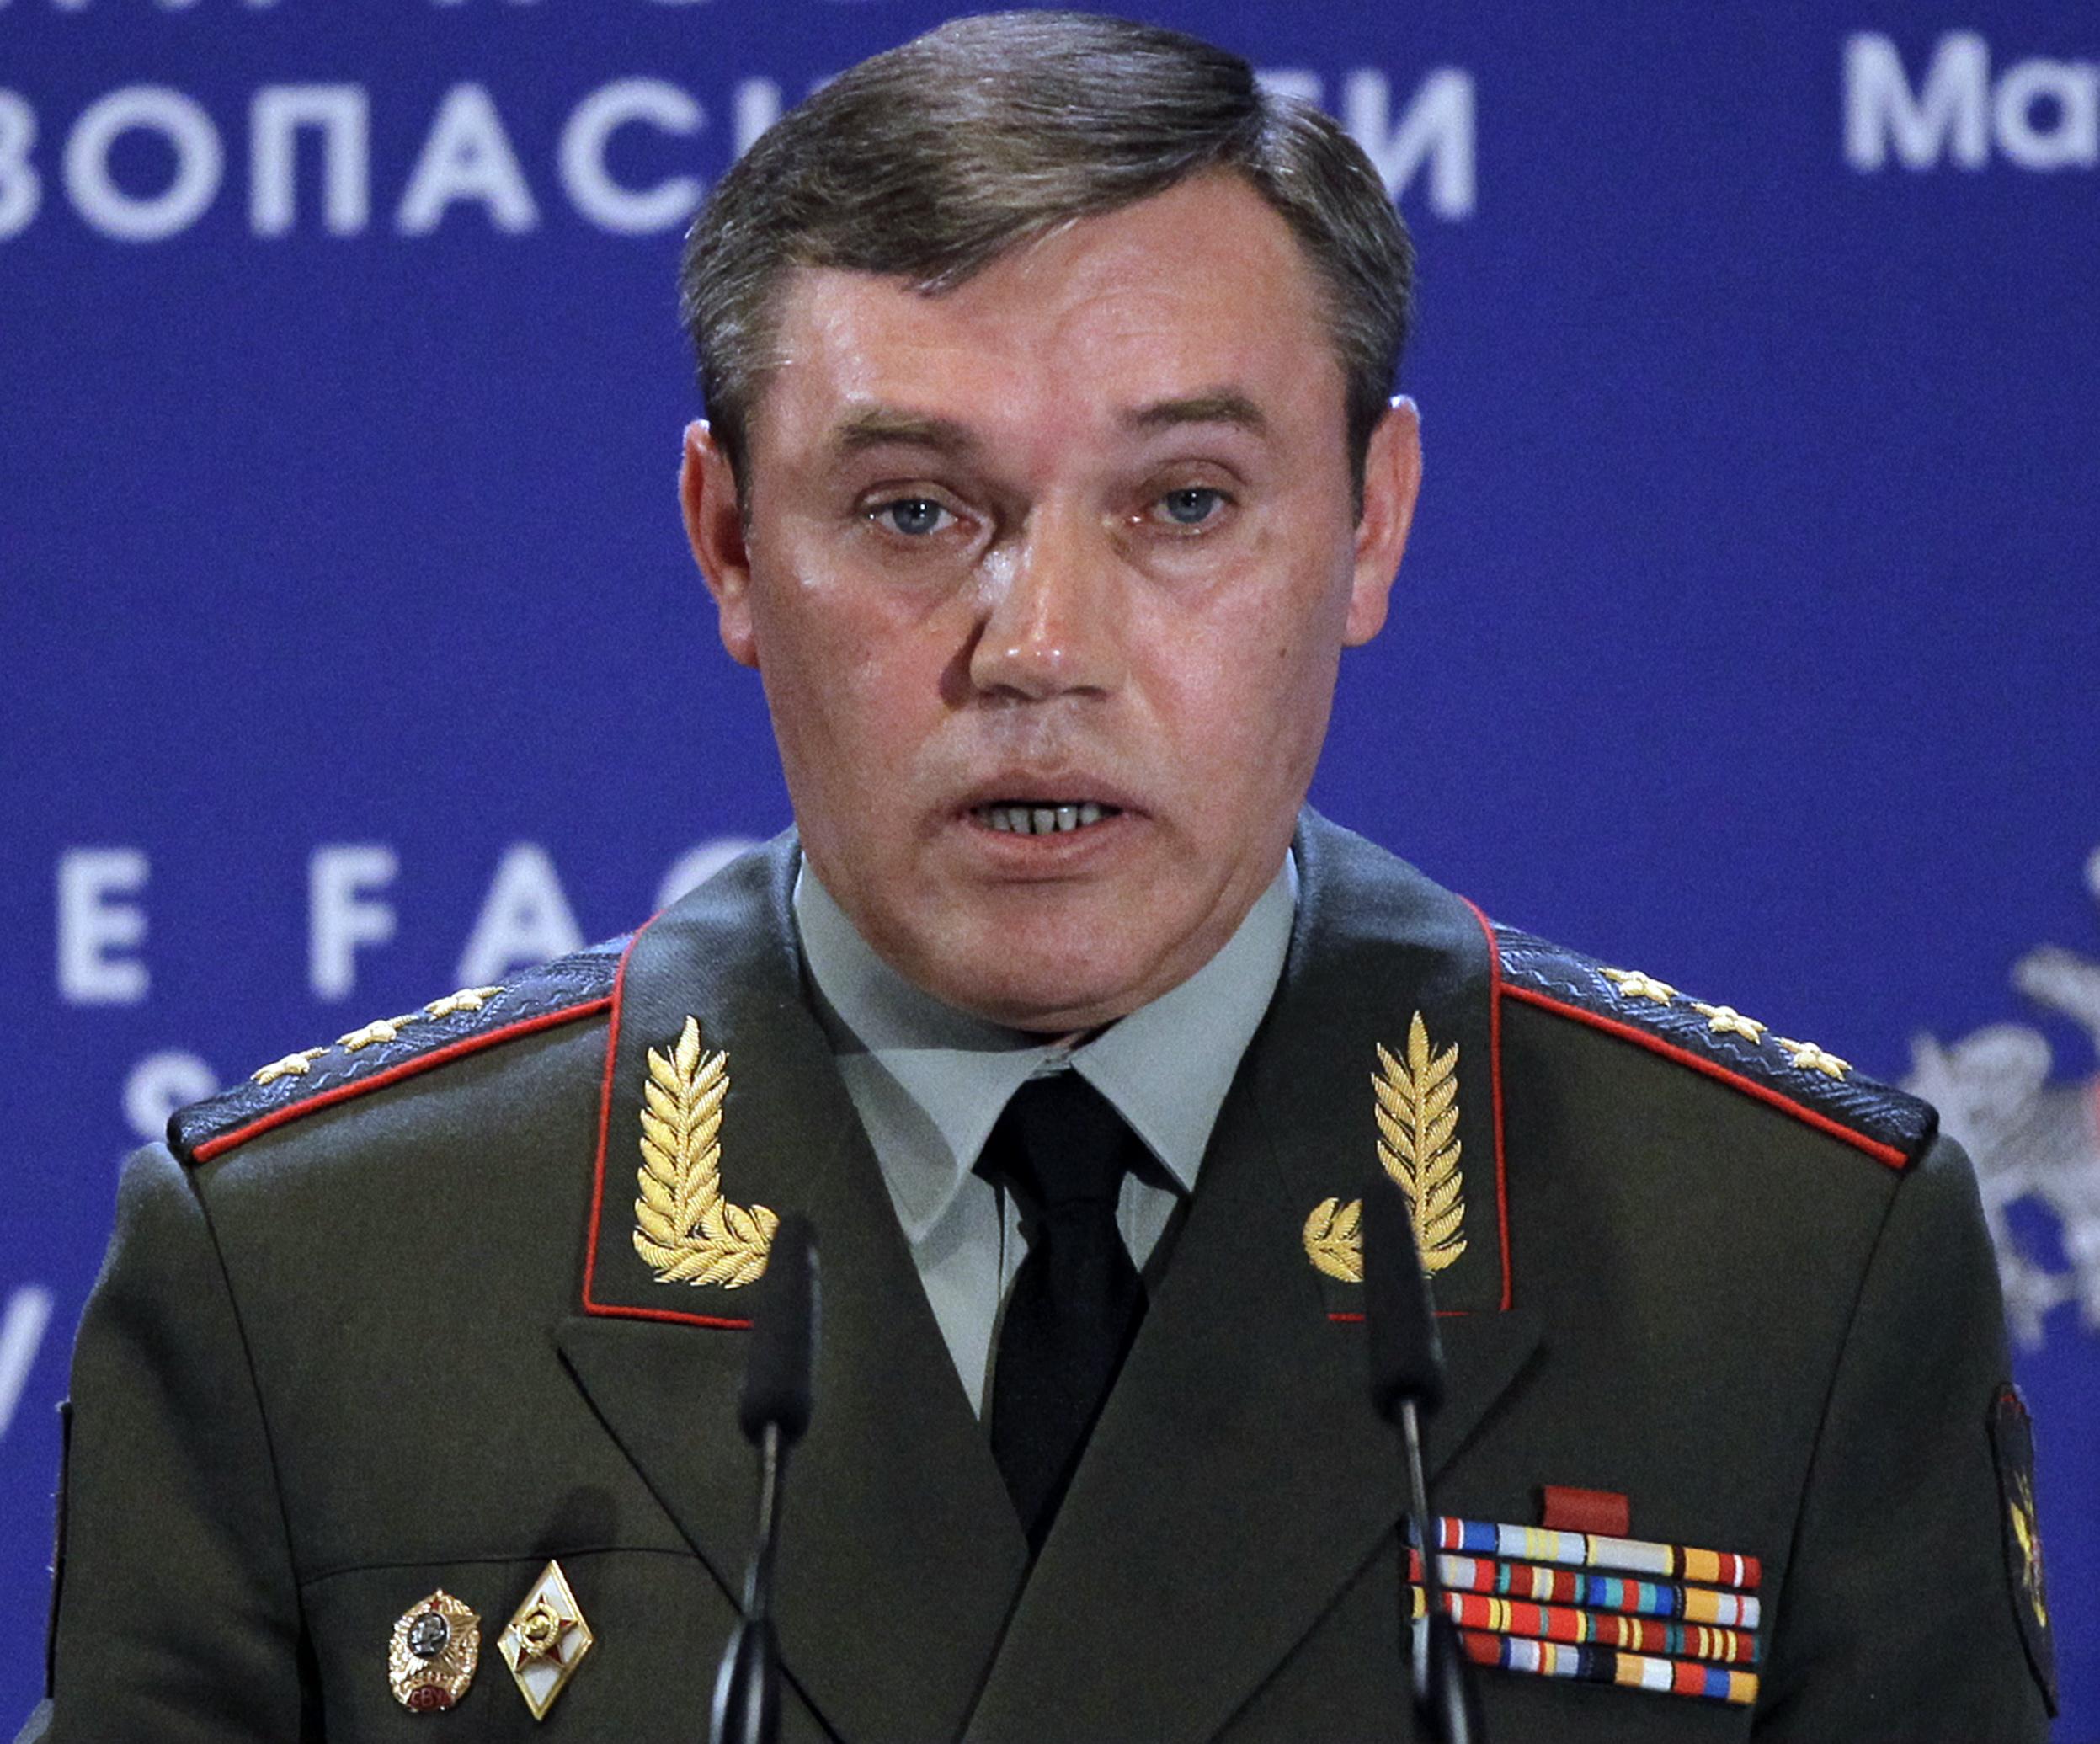 Gerasimov